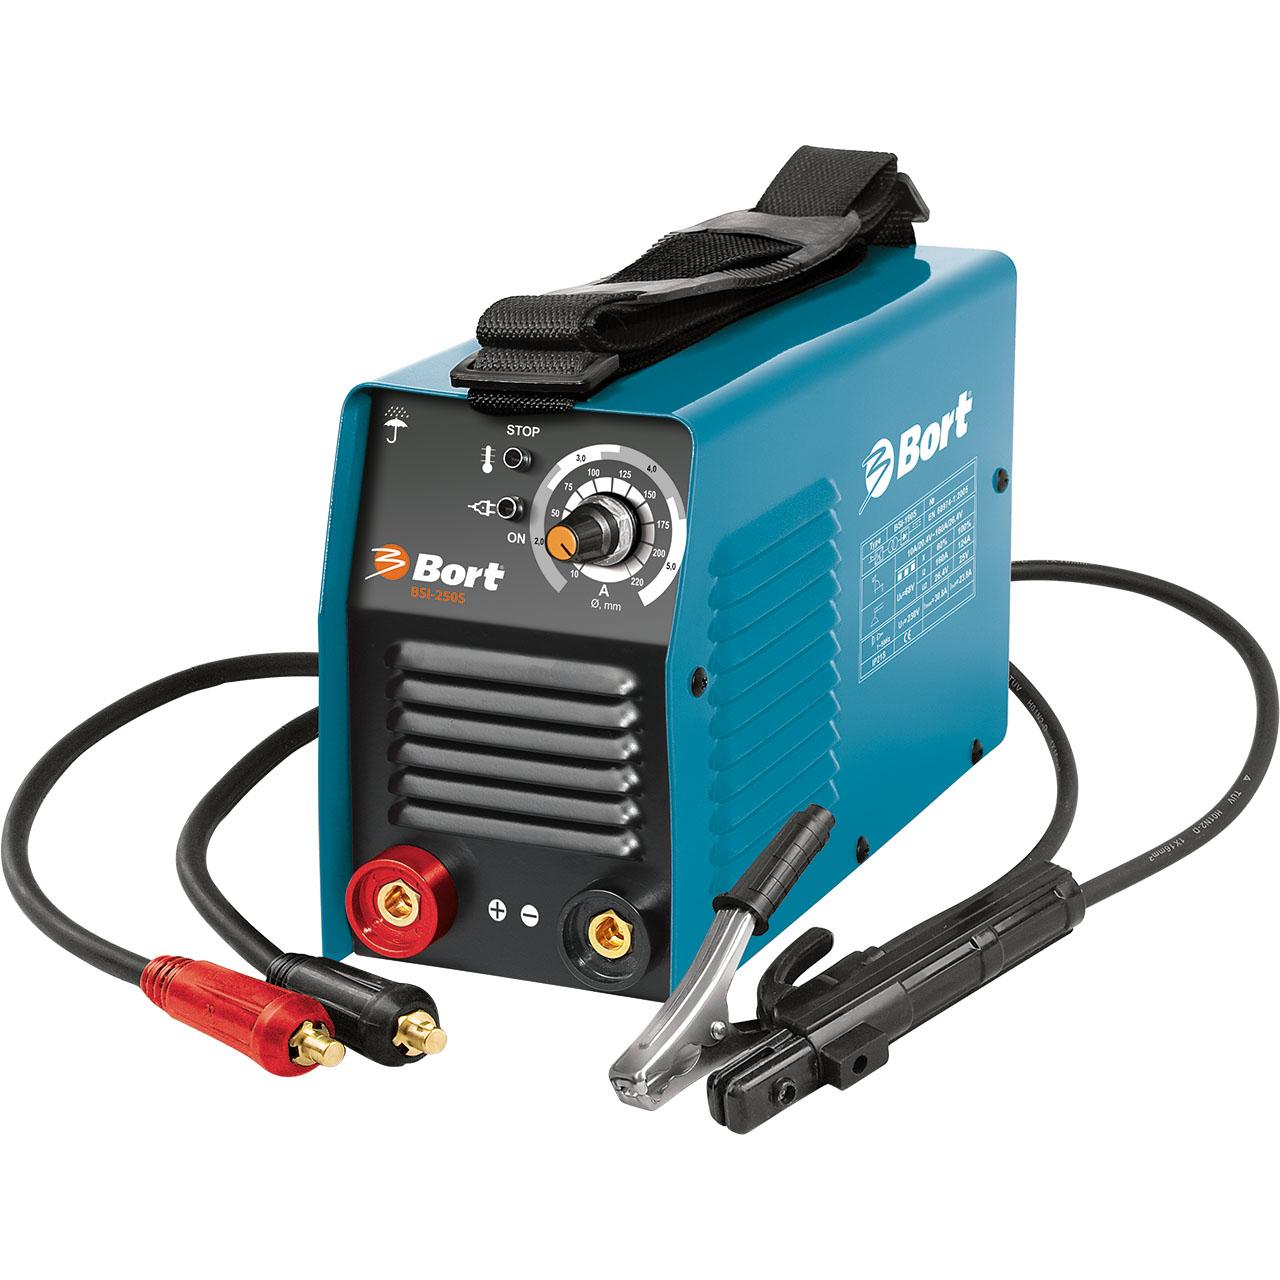 Сварочный аппарат инверторный Bort BSI-250S98297188Сварочный инверторный аппарат Bort BSI-250S - самая мощная модель в линейке сварочных инверторов Bort. Широкий диапазон регулировки сварочного тока, от 10 до 220Ампер, обеспечивает работу электродом до 5мм и позволяет сваривать металлы. Мощная система охлаждения силовых транзисторов аппарата, оптимизированная система подачи воздуха для охлаждения (вентиляционные щели расположены не в самом низу корпуса, их форма значительно уменьшают попадание загрязненного воздуха и, тем самым, повышают надежность и долговечность сварочника. Сварочный инвертор Bort BSI-250S снабжен автофункциями для облегчения работ: HOT START (увеличение тока для лёгкого возбуждения дуги), ARC-FORCE (поддержание постоянного тока для обеспечения стабильности дуги), ANTI STICK (автоматическое понижение тока для мсключения залипания электрода). При всем этом аппарат весит всего 5кг и имеет удобный ремень для переноски. Теперь сварочные работы - это не тяжелая повинность, требующая профессиональных навыков,...